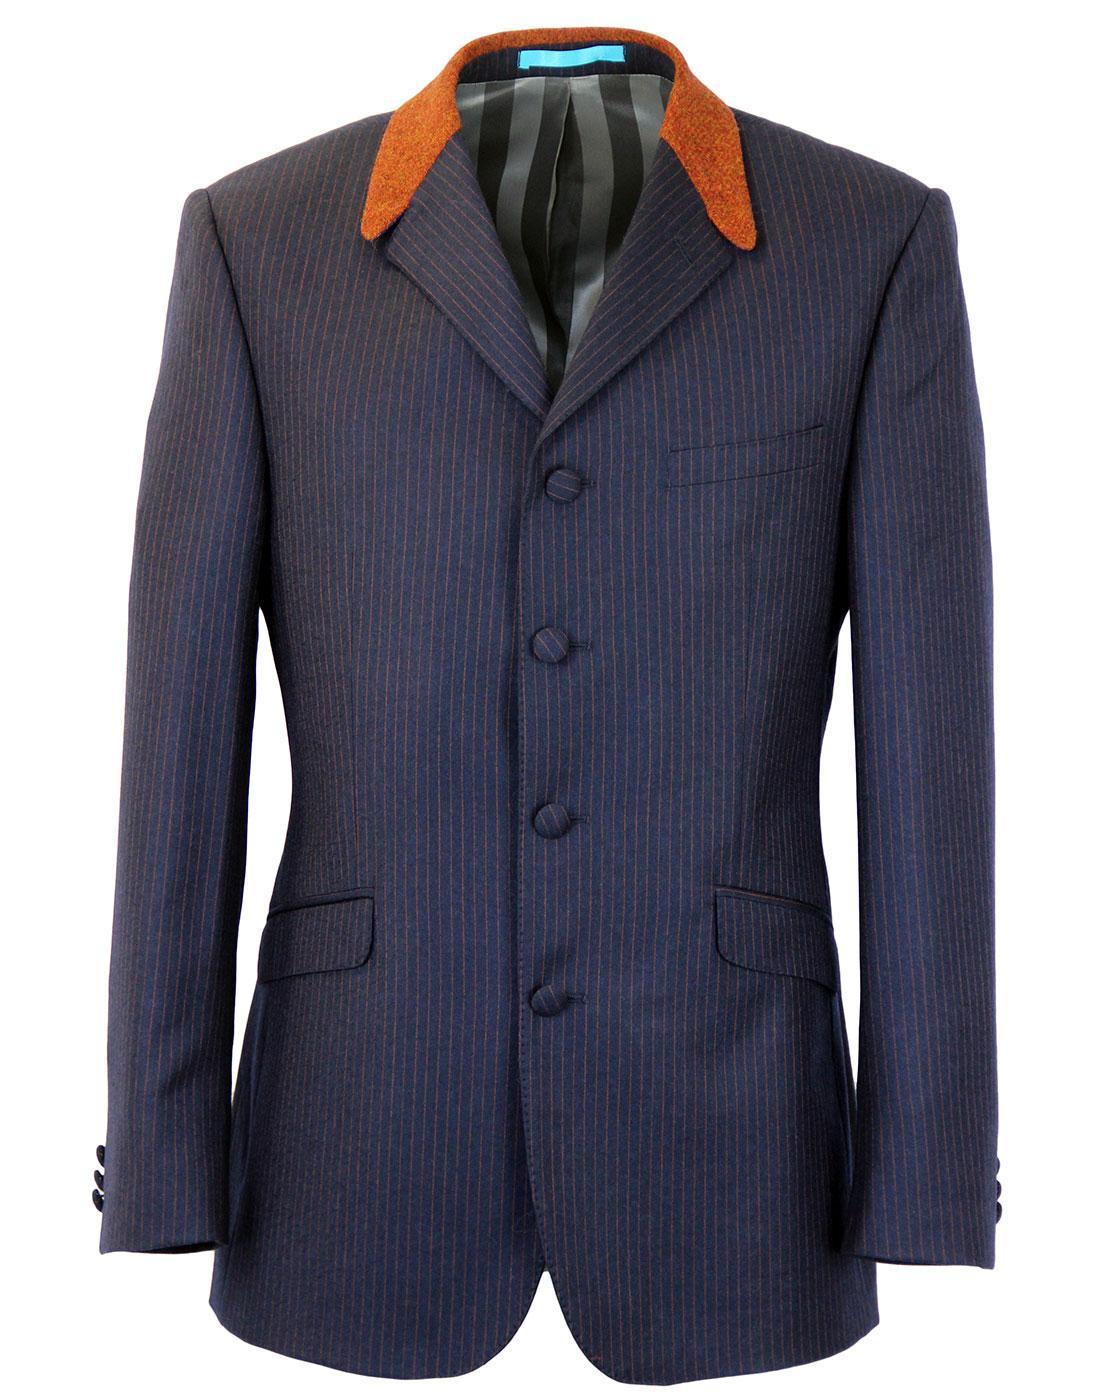 MADCAP ENGLAND 4 Button Flannel Stripe Suit Jacket